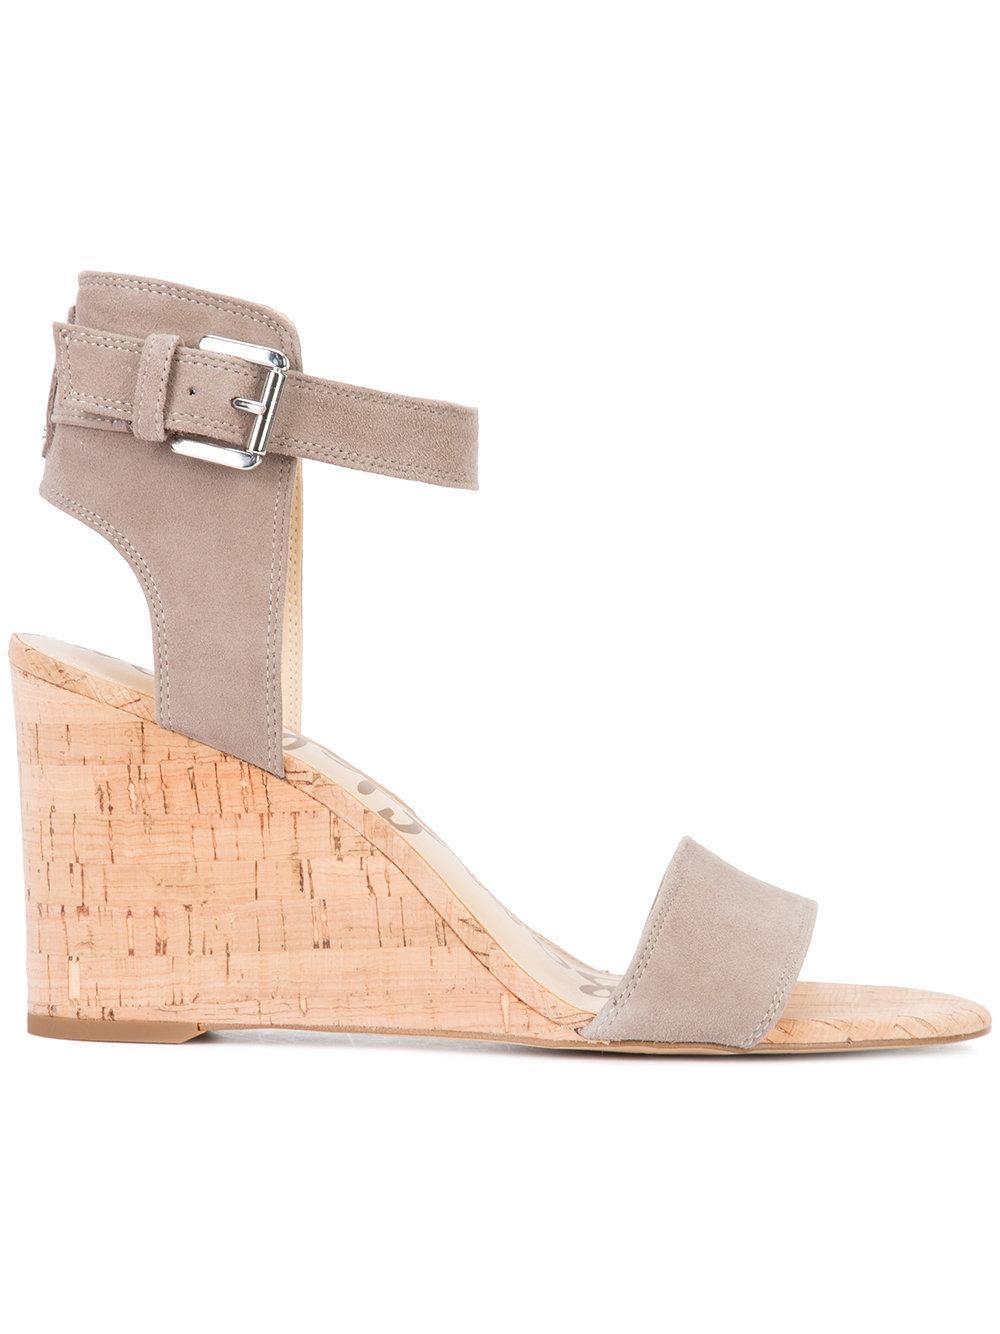 Lyst Sam Edelman Willow Sandals In Gray